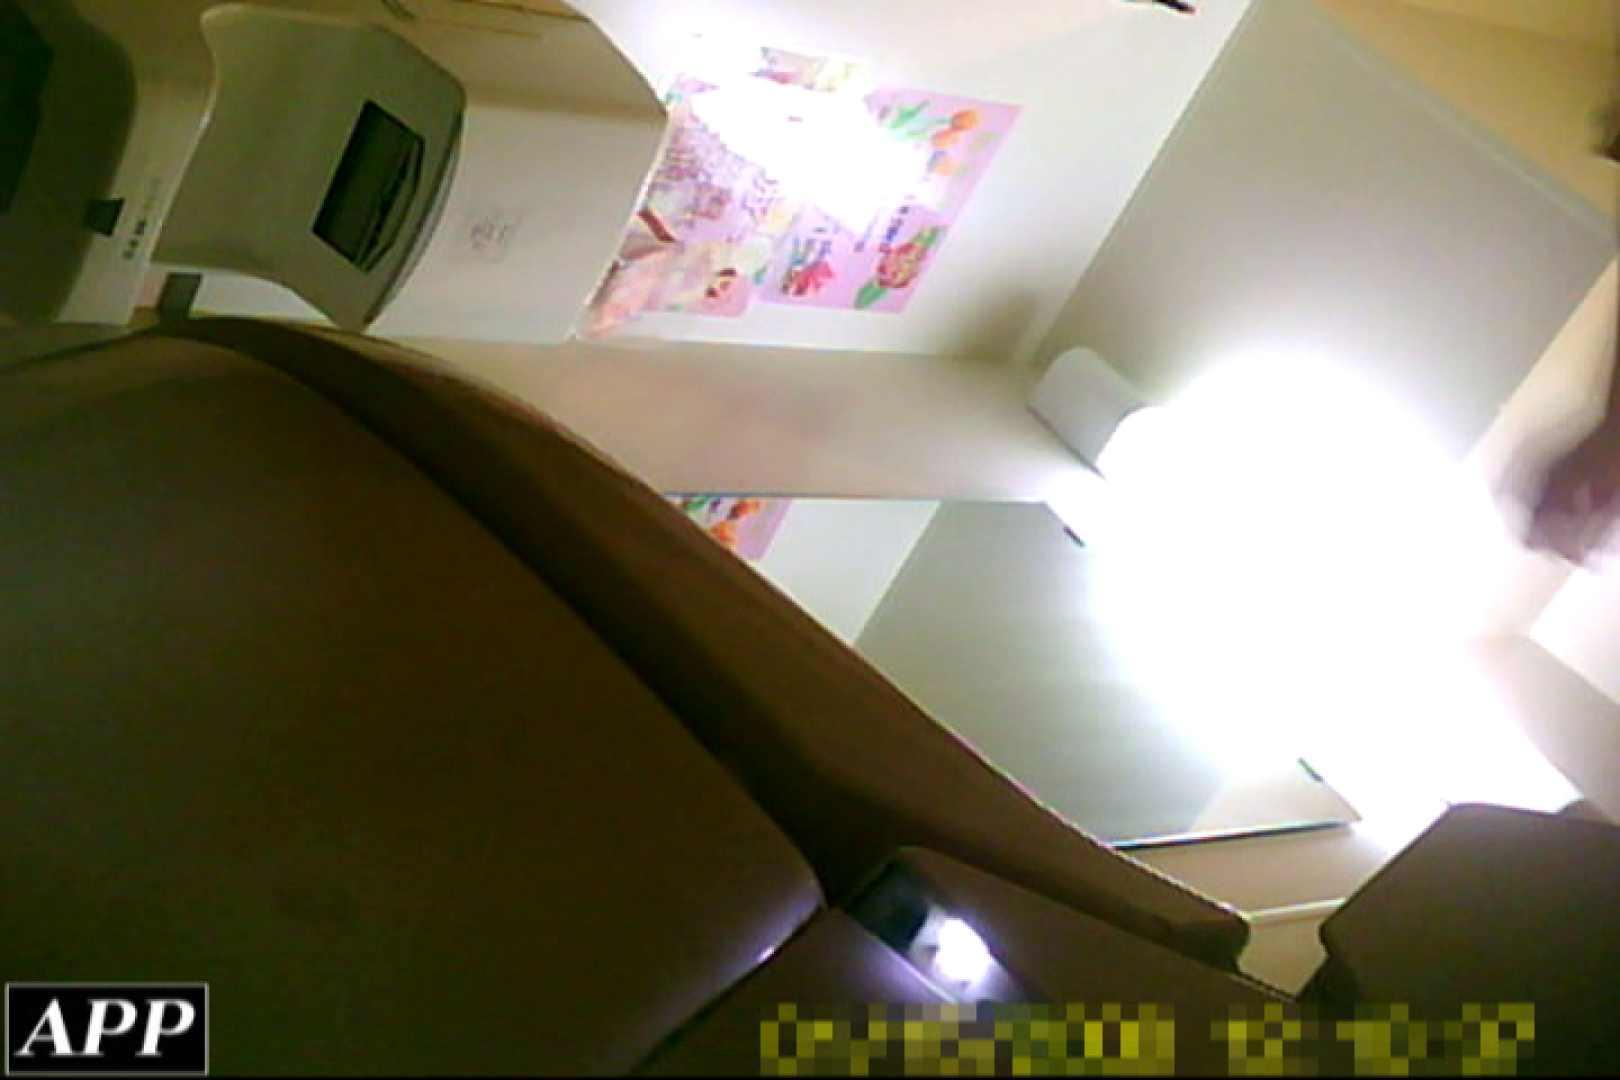 3視点洗面所 vol.126 OLのボディ | マンコ満開  54PIX 25